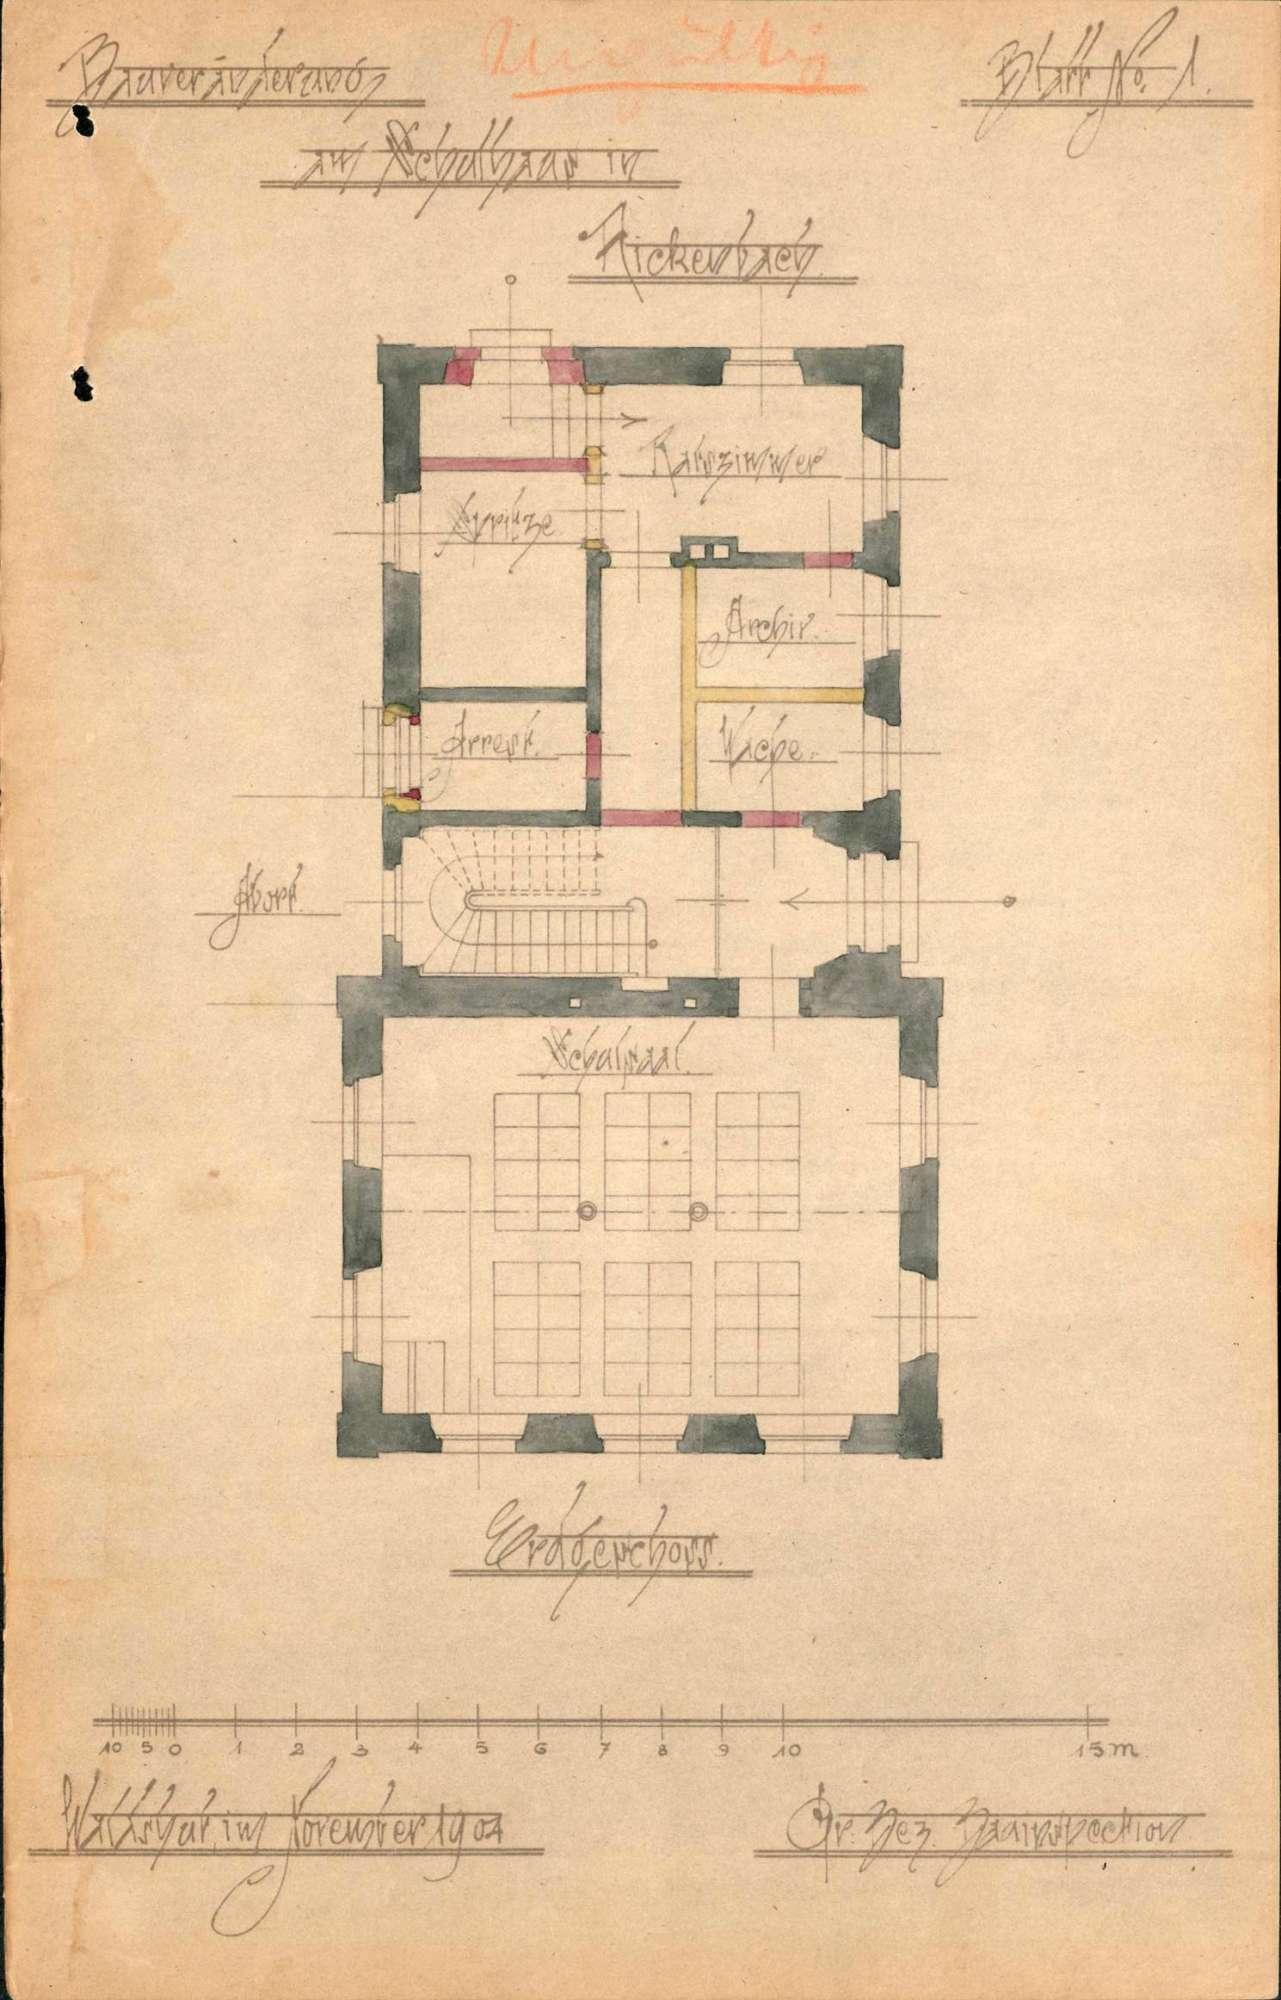 Bauliche Unterhaltung und Umbau des Schulhauses in Rickenbach, Bild 1